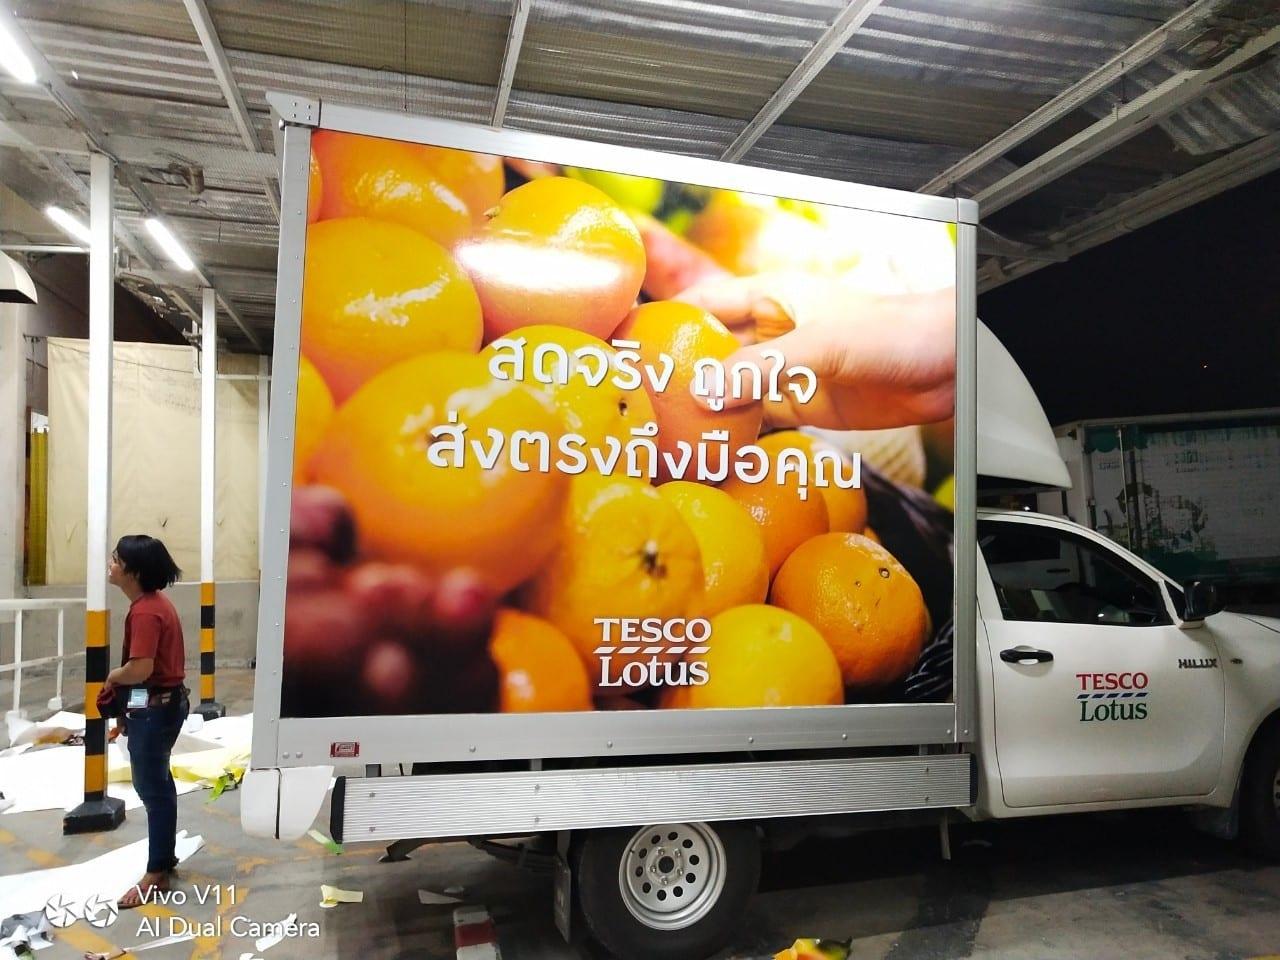 รูป Sticker Van 2020 33 - ประกอบเนื้อหา สติ๊กเกอร์โฆษณาติดรถ